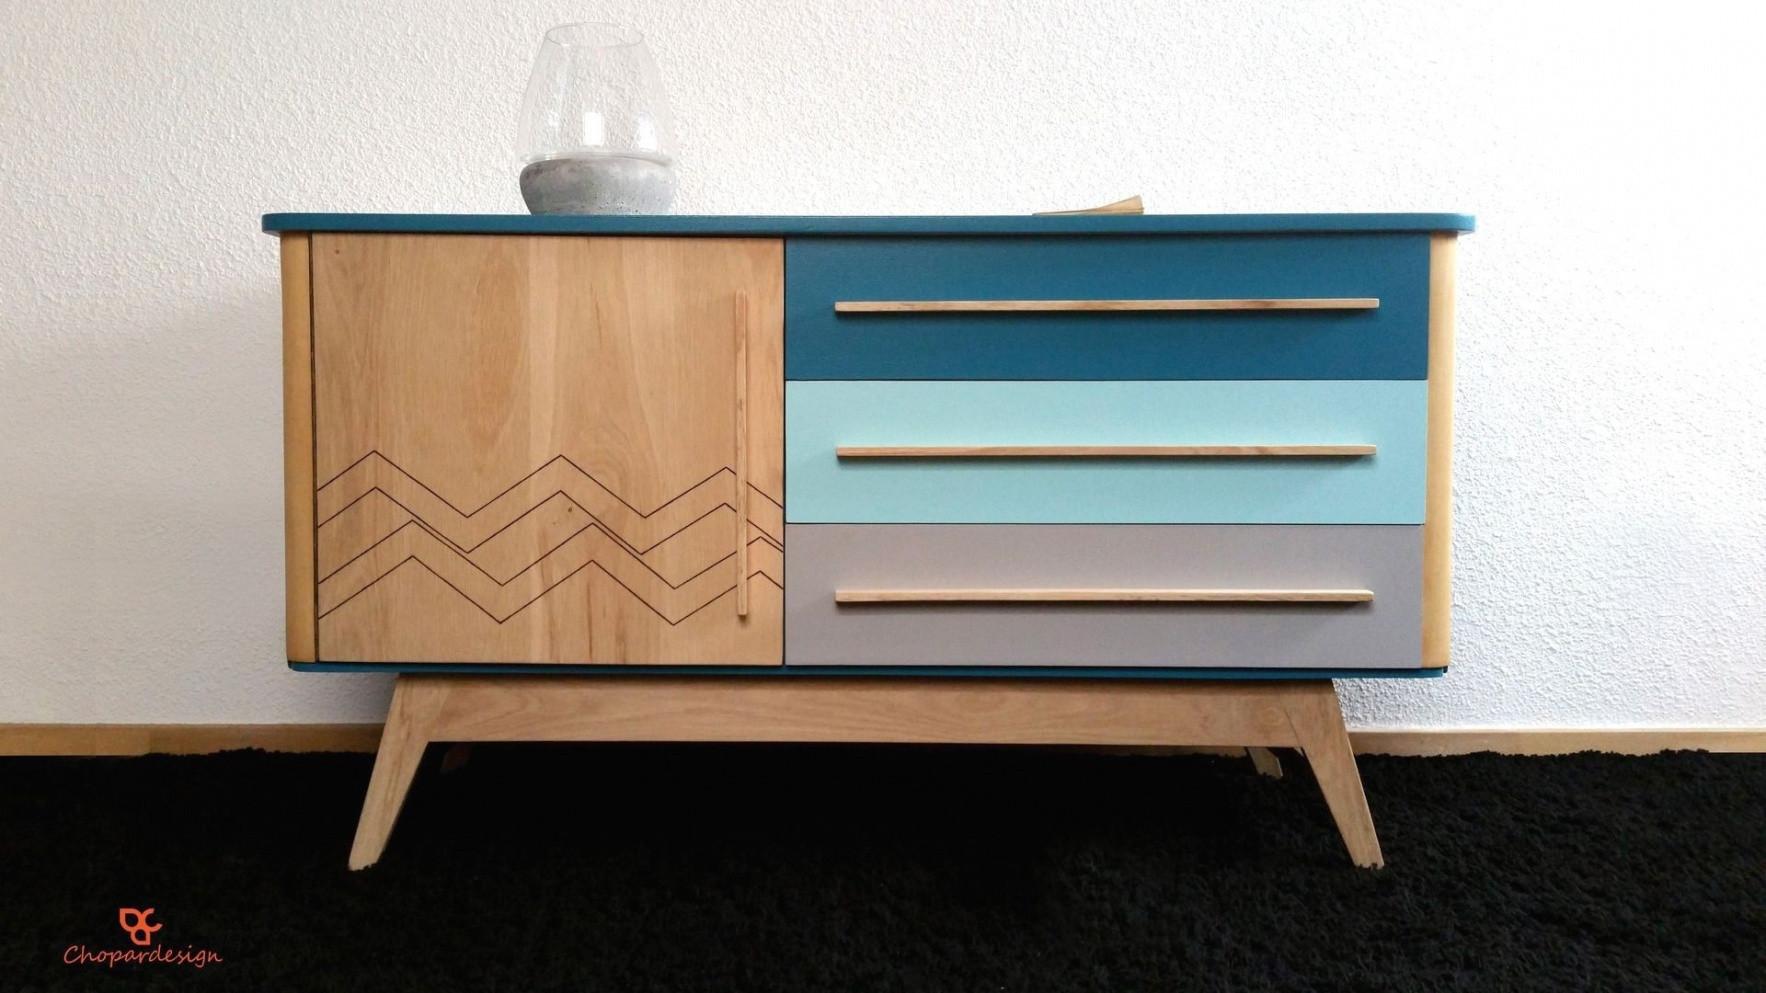 meuble tv bois et fer meuble bois et fer meuble tv fer et bois meuble angle bois meuble tv of meuble tv bois et fer